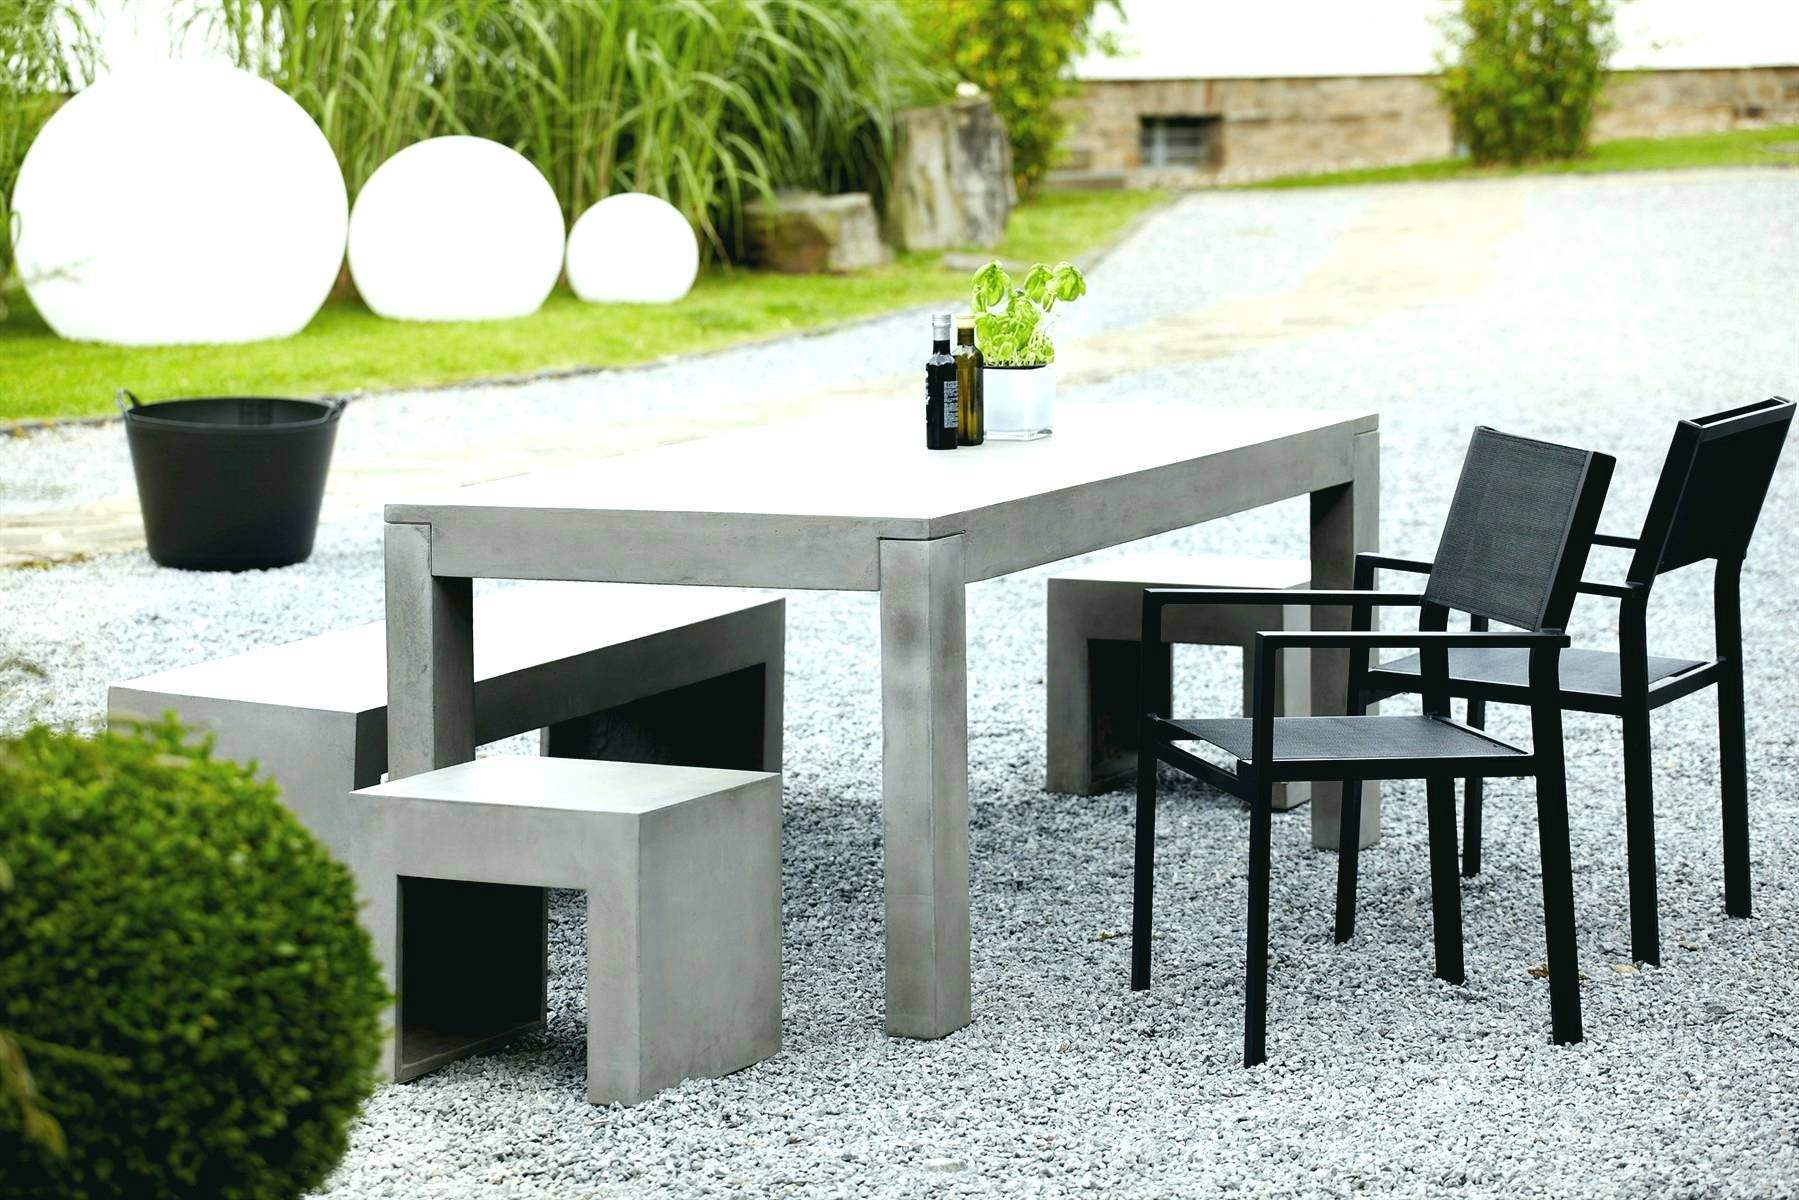 tisch stuehle terrasse beton tisch garten ideen gartenmobel ausziehtisch tisch cobra od s inspirierend